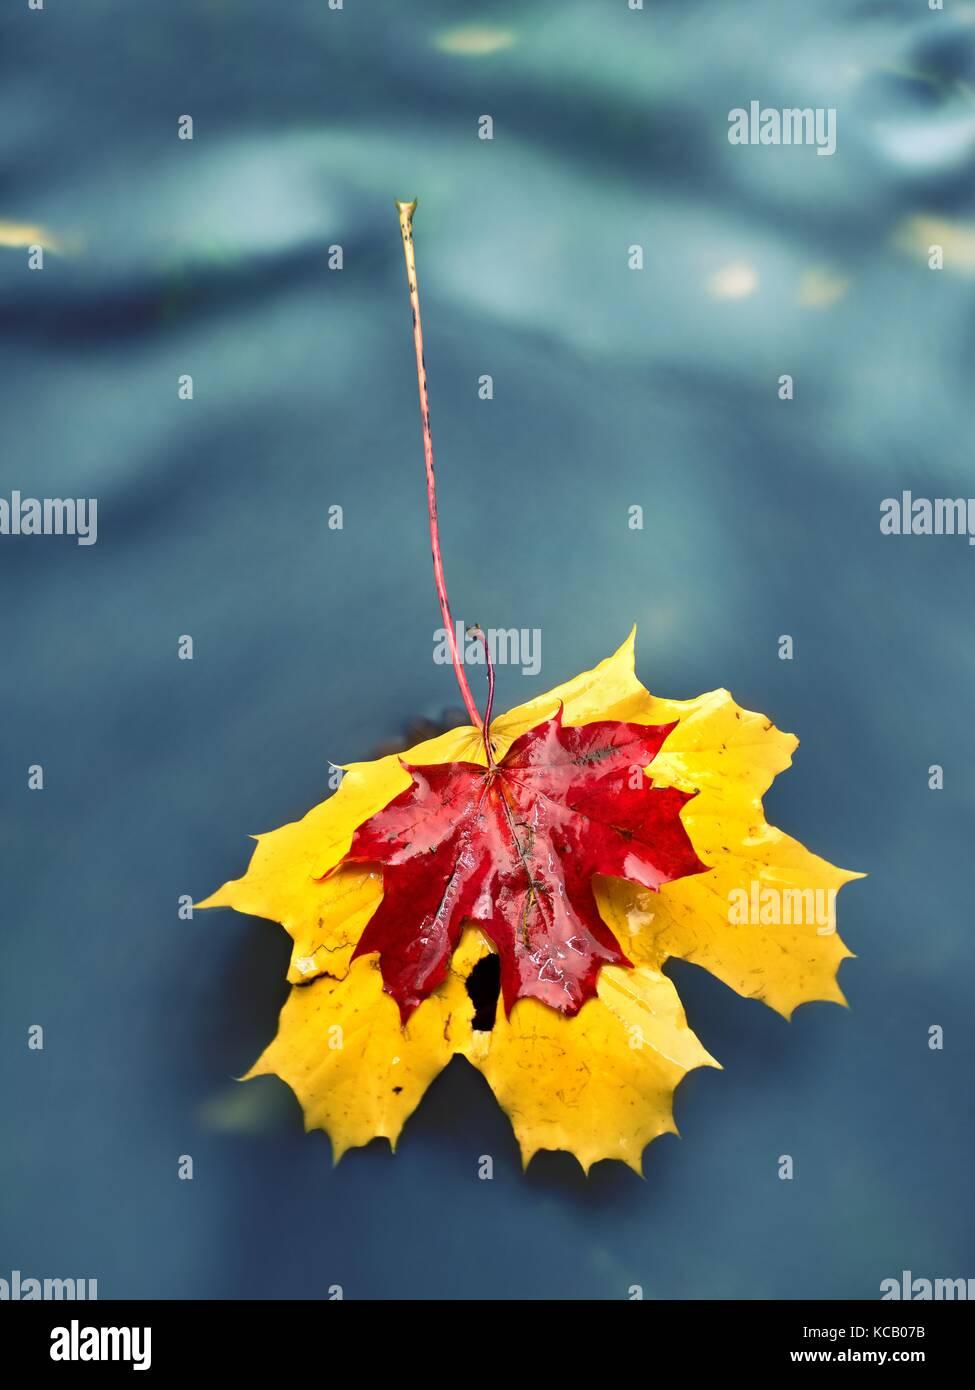 Rojo Naranja amarillo otoño hojas de arce en agua, hoja seca caído en agua fría Foto de stock